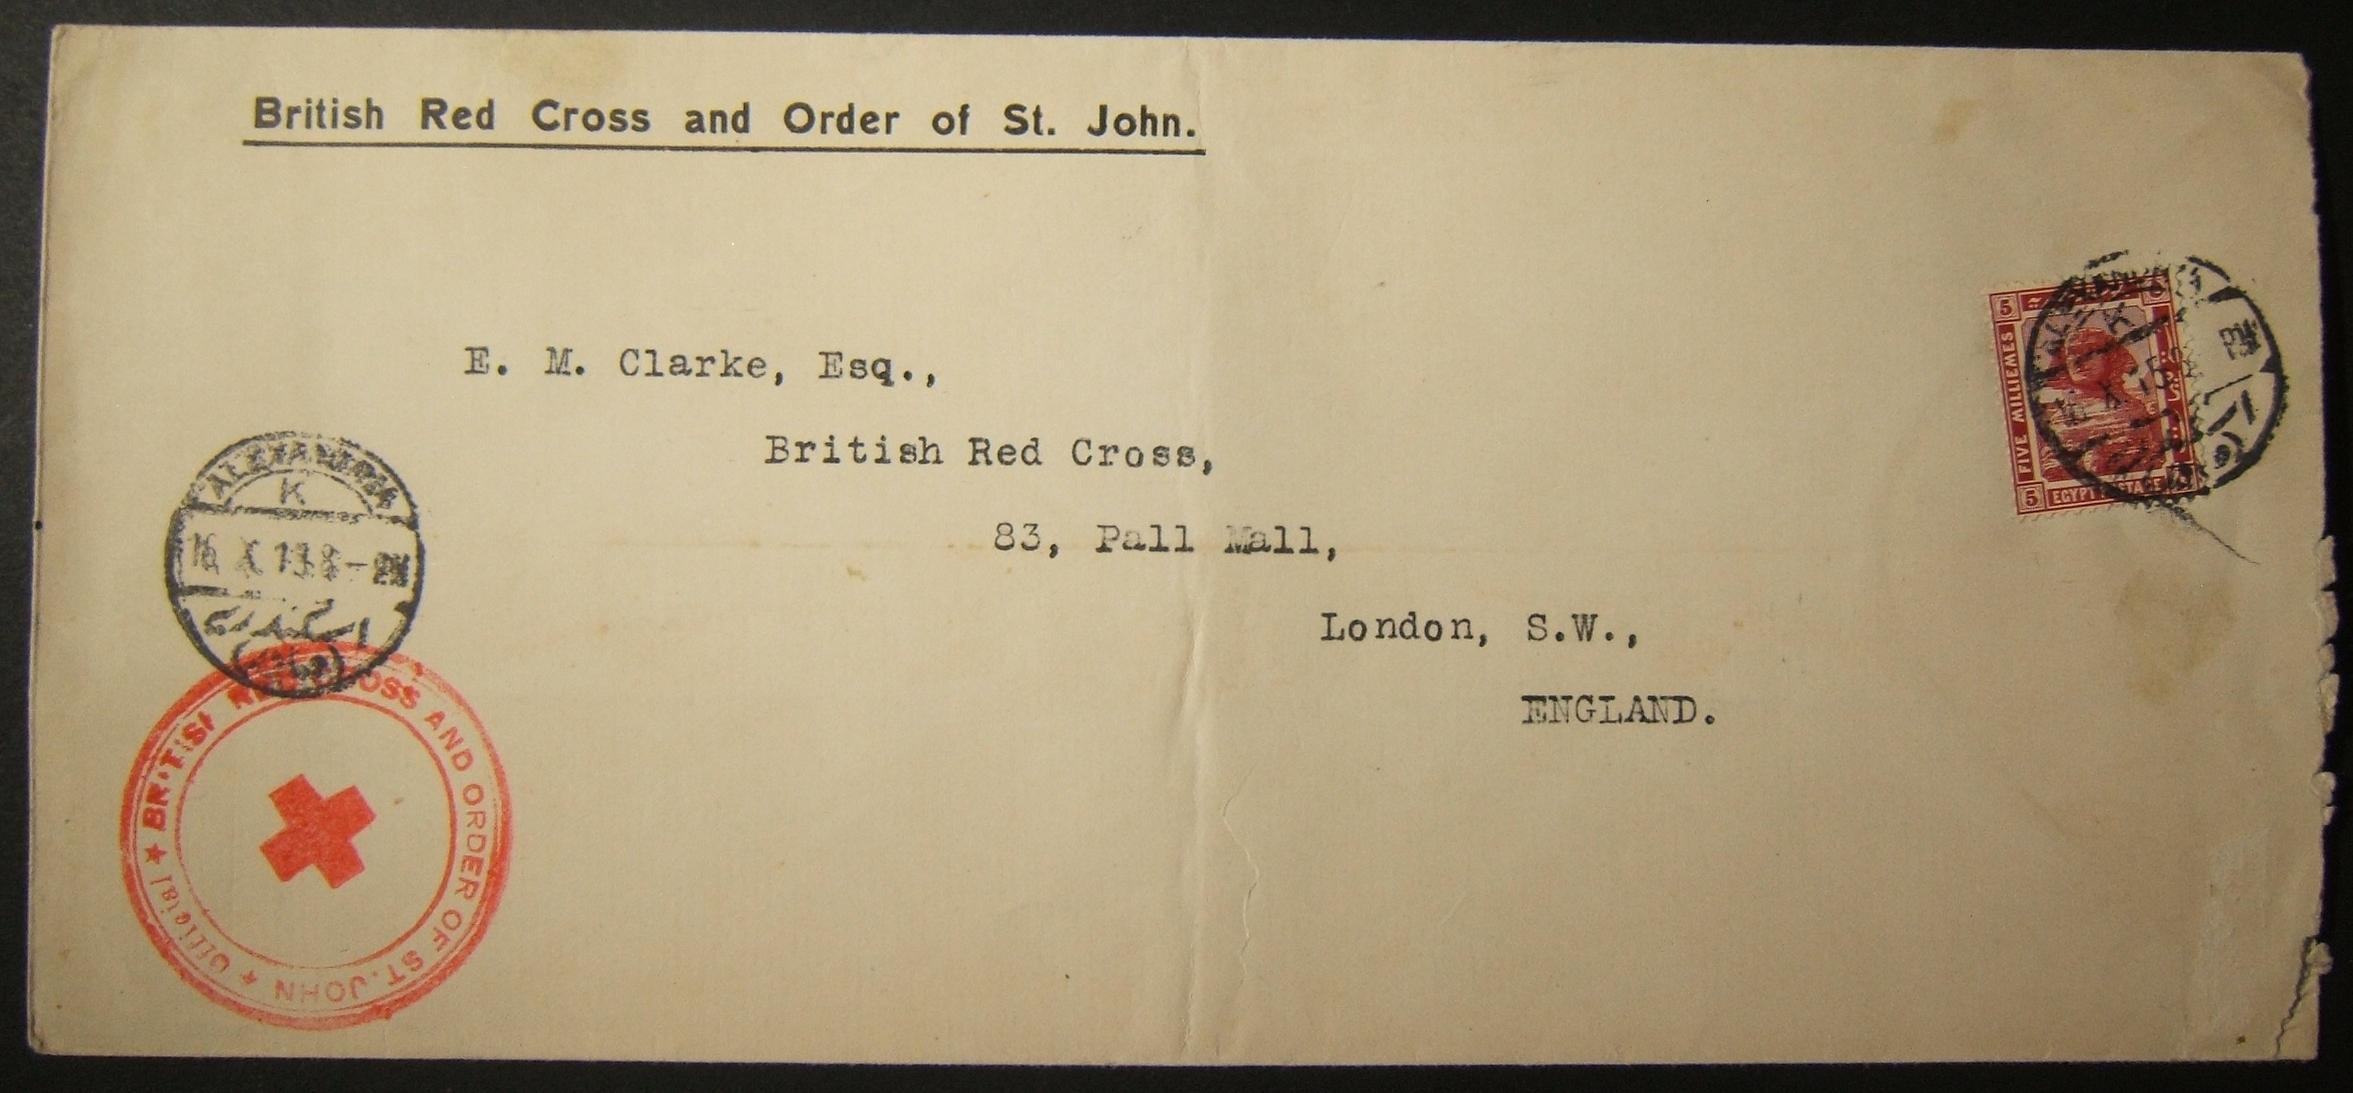 10/1915 قام الاتحاد العالمي للصليب الأحمر بإرسال بريد بريطاني إلى المملكة المتحدة عبر البريد المصري